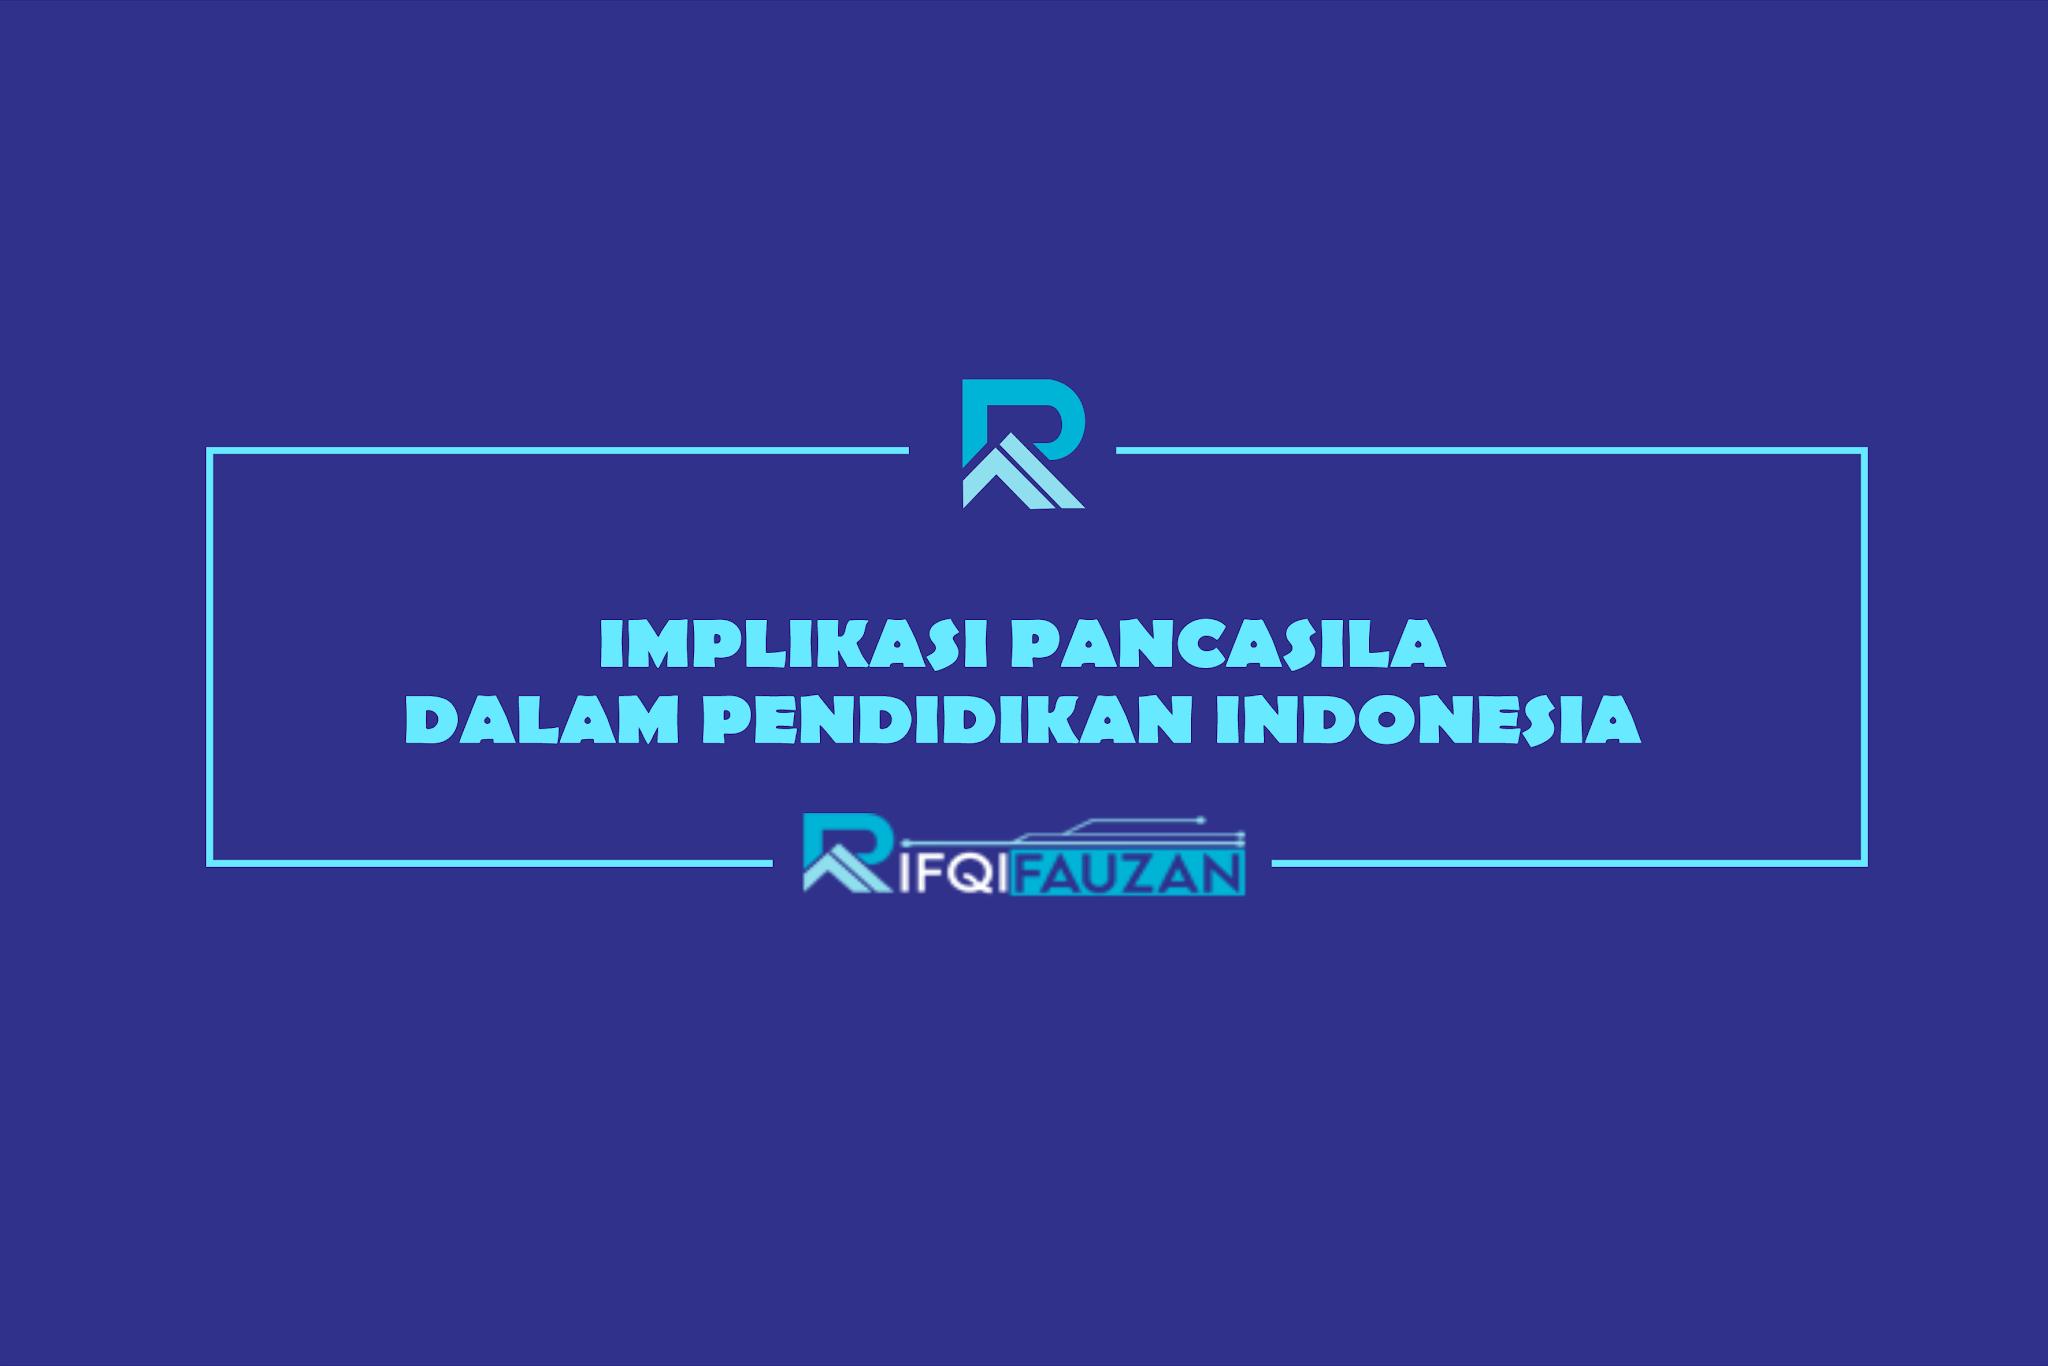 IMPLIKASI PANCASILA DALAM PENDIDIKAN INDONESIA